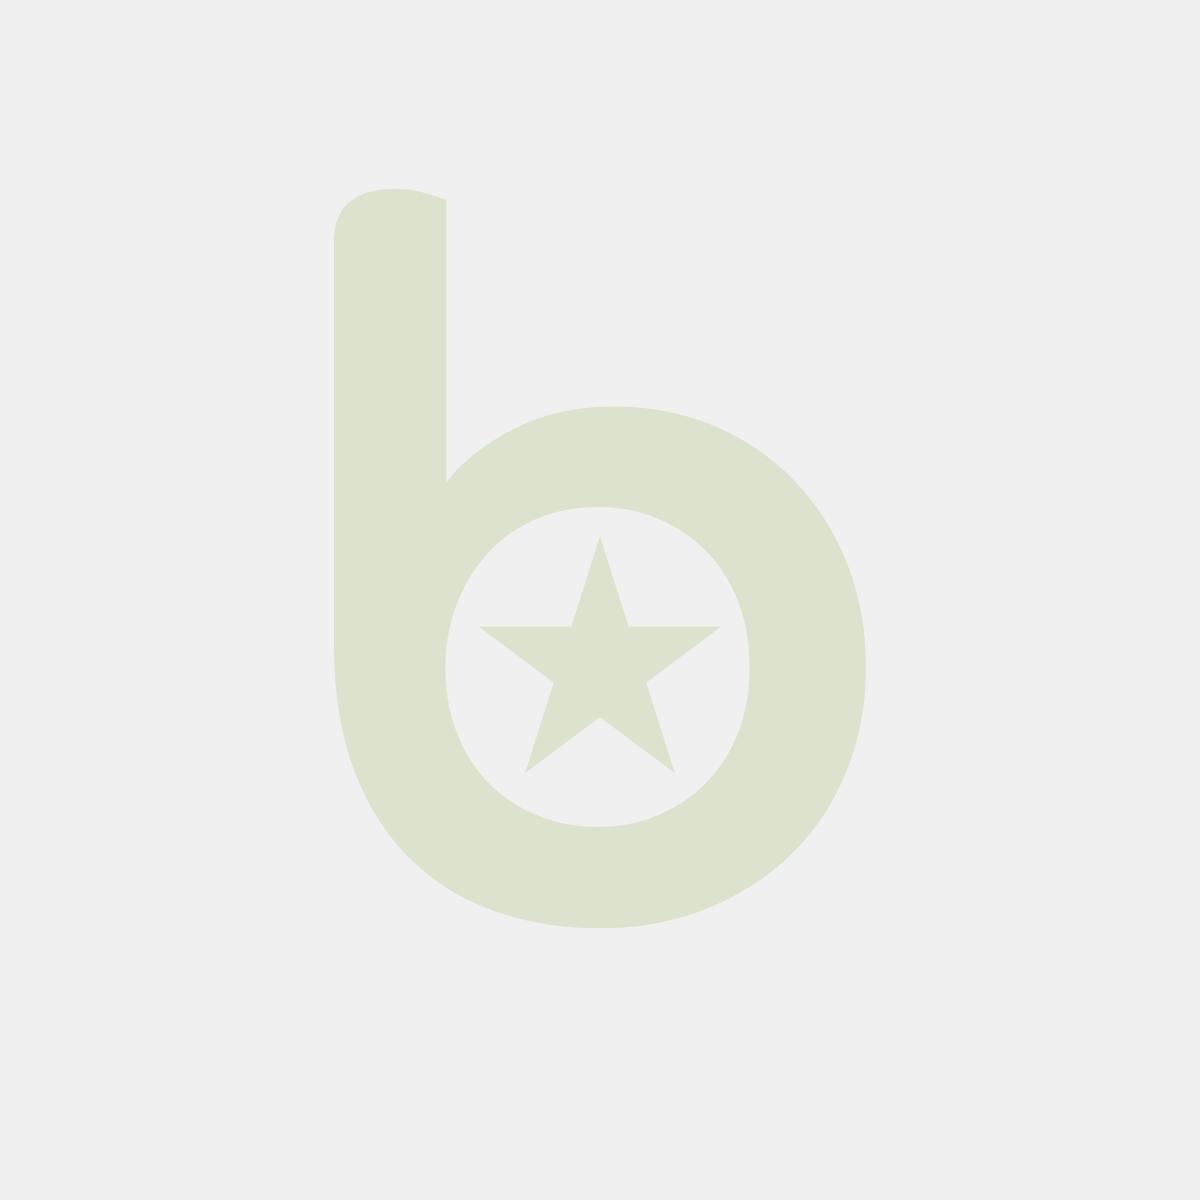 Patelnia Do Naleśników - Płytka Śr. 280 Mm